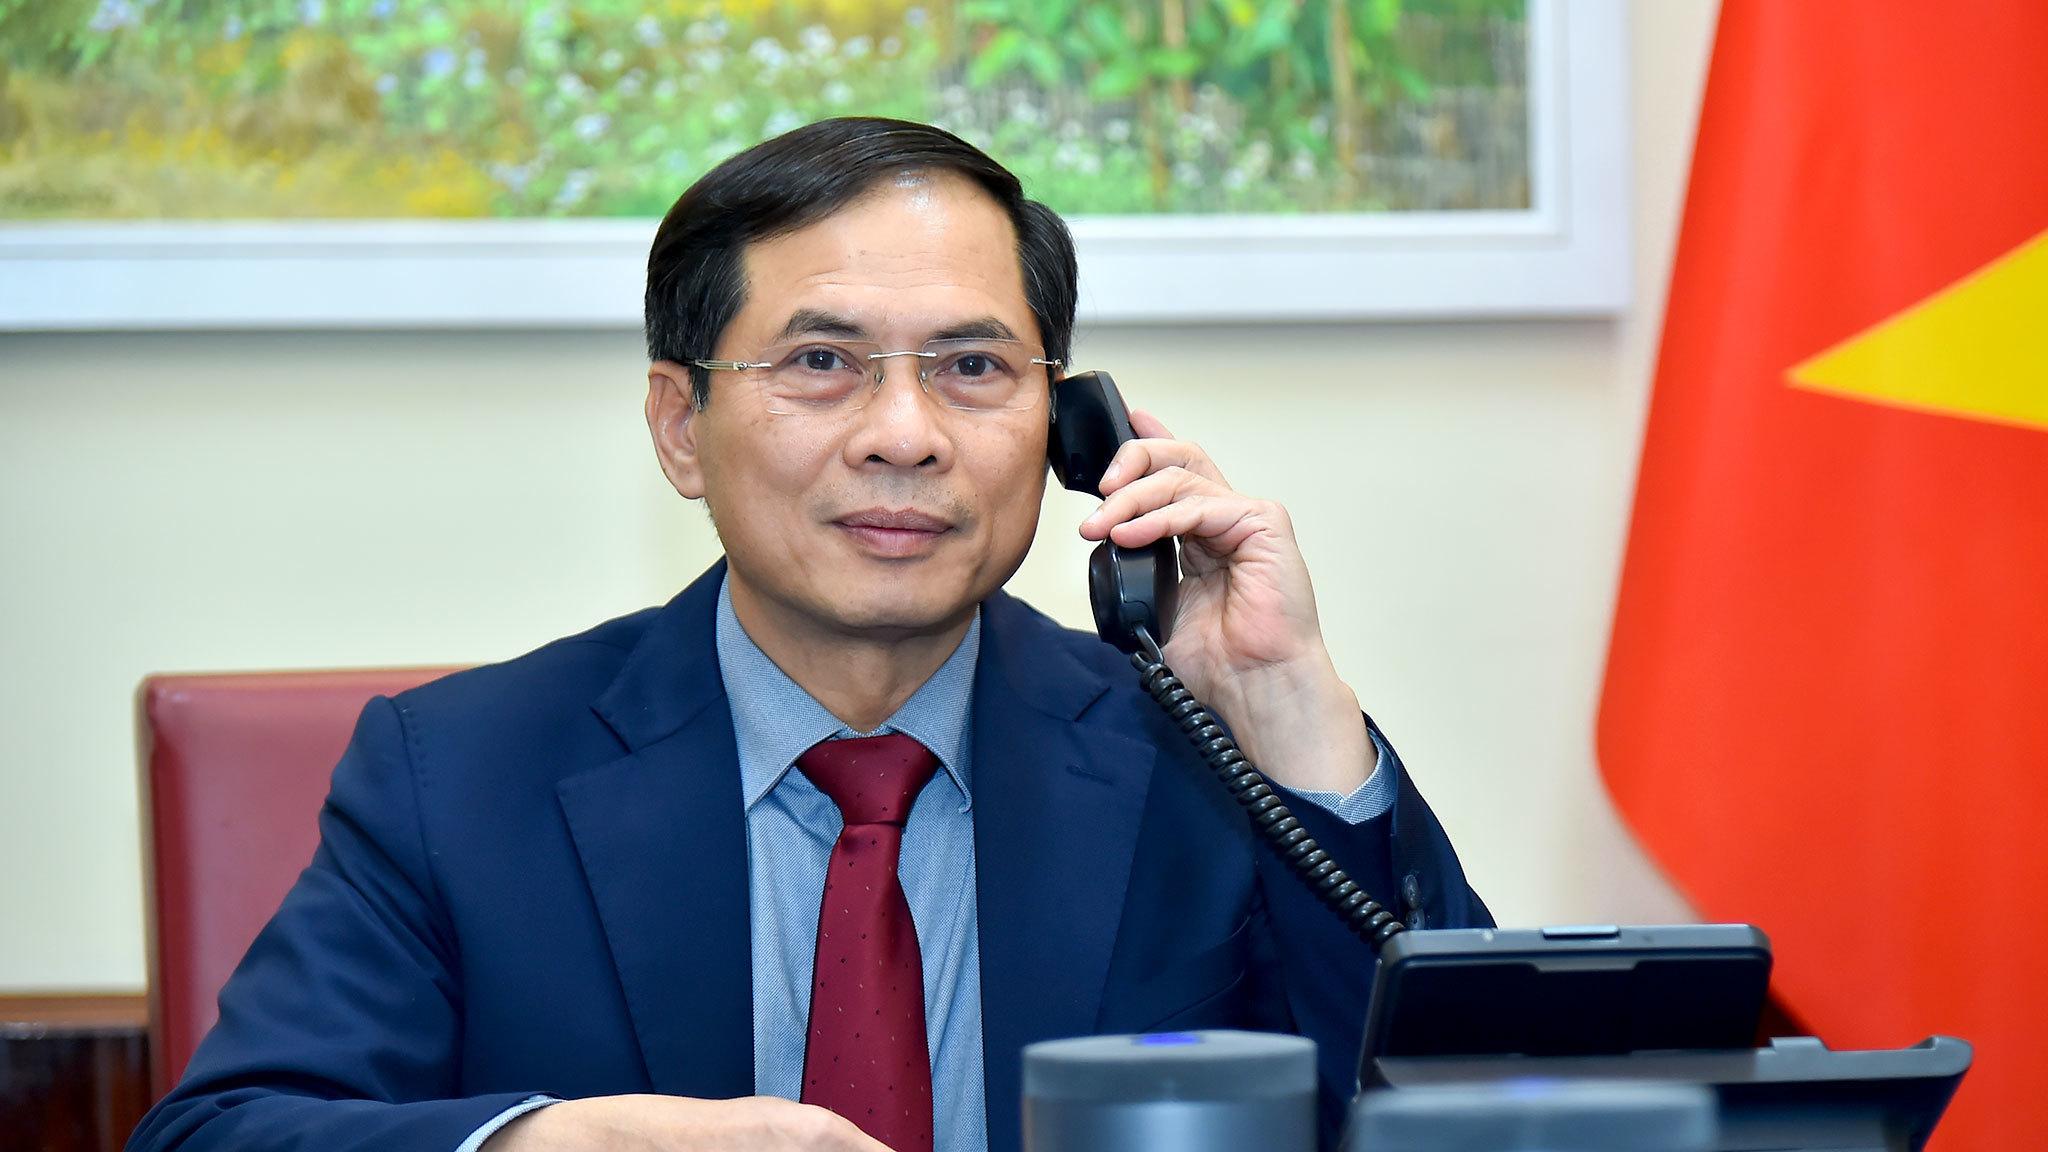 Mỹ mong muốn hợp tác chặt chẽ hơn nữa với Việt Nam